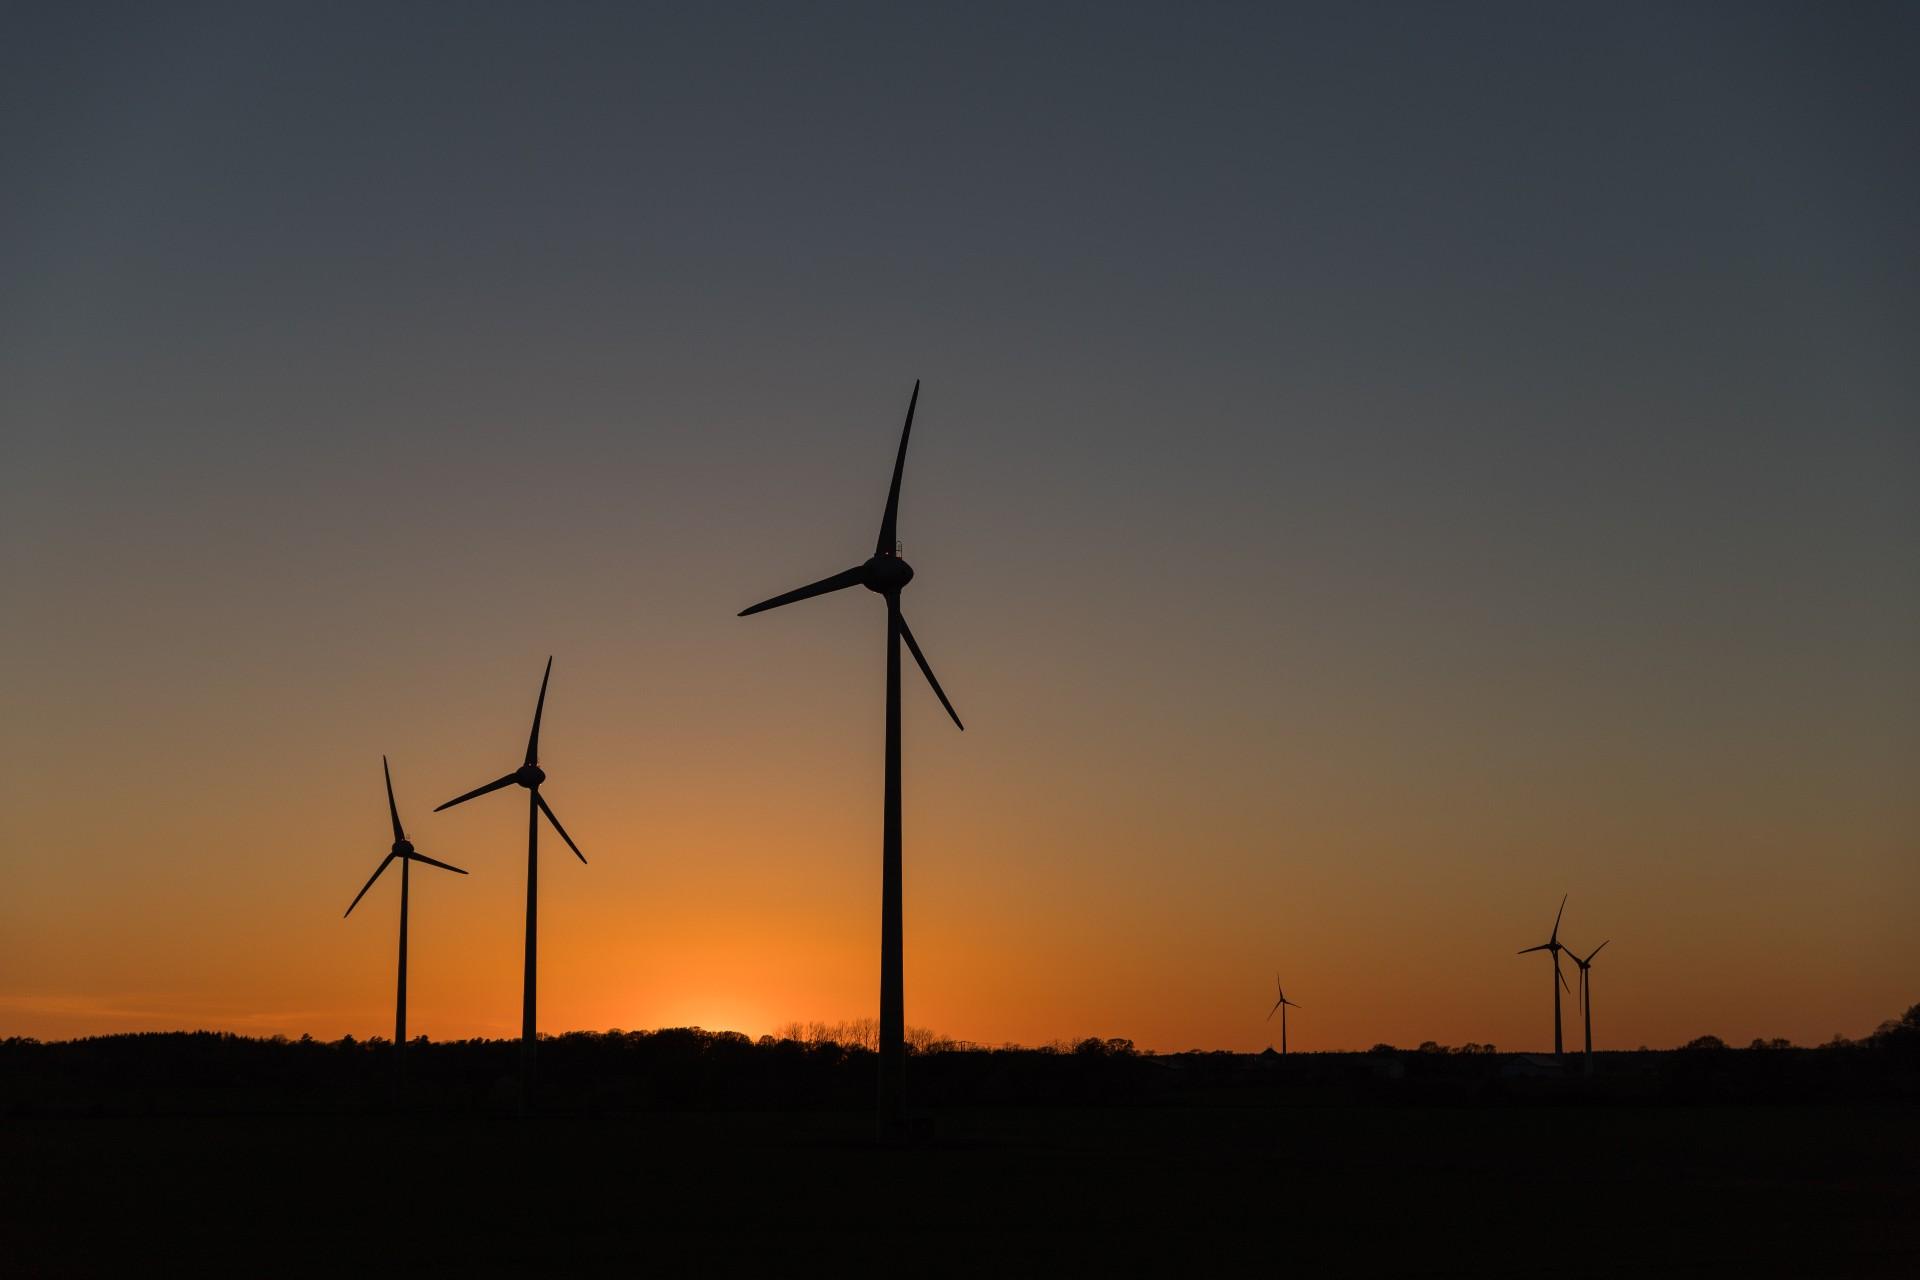 Transtema bereder väg för vindkraftverk